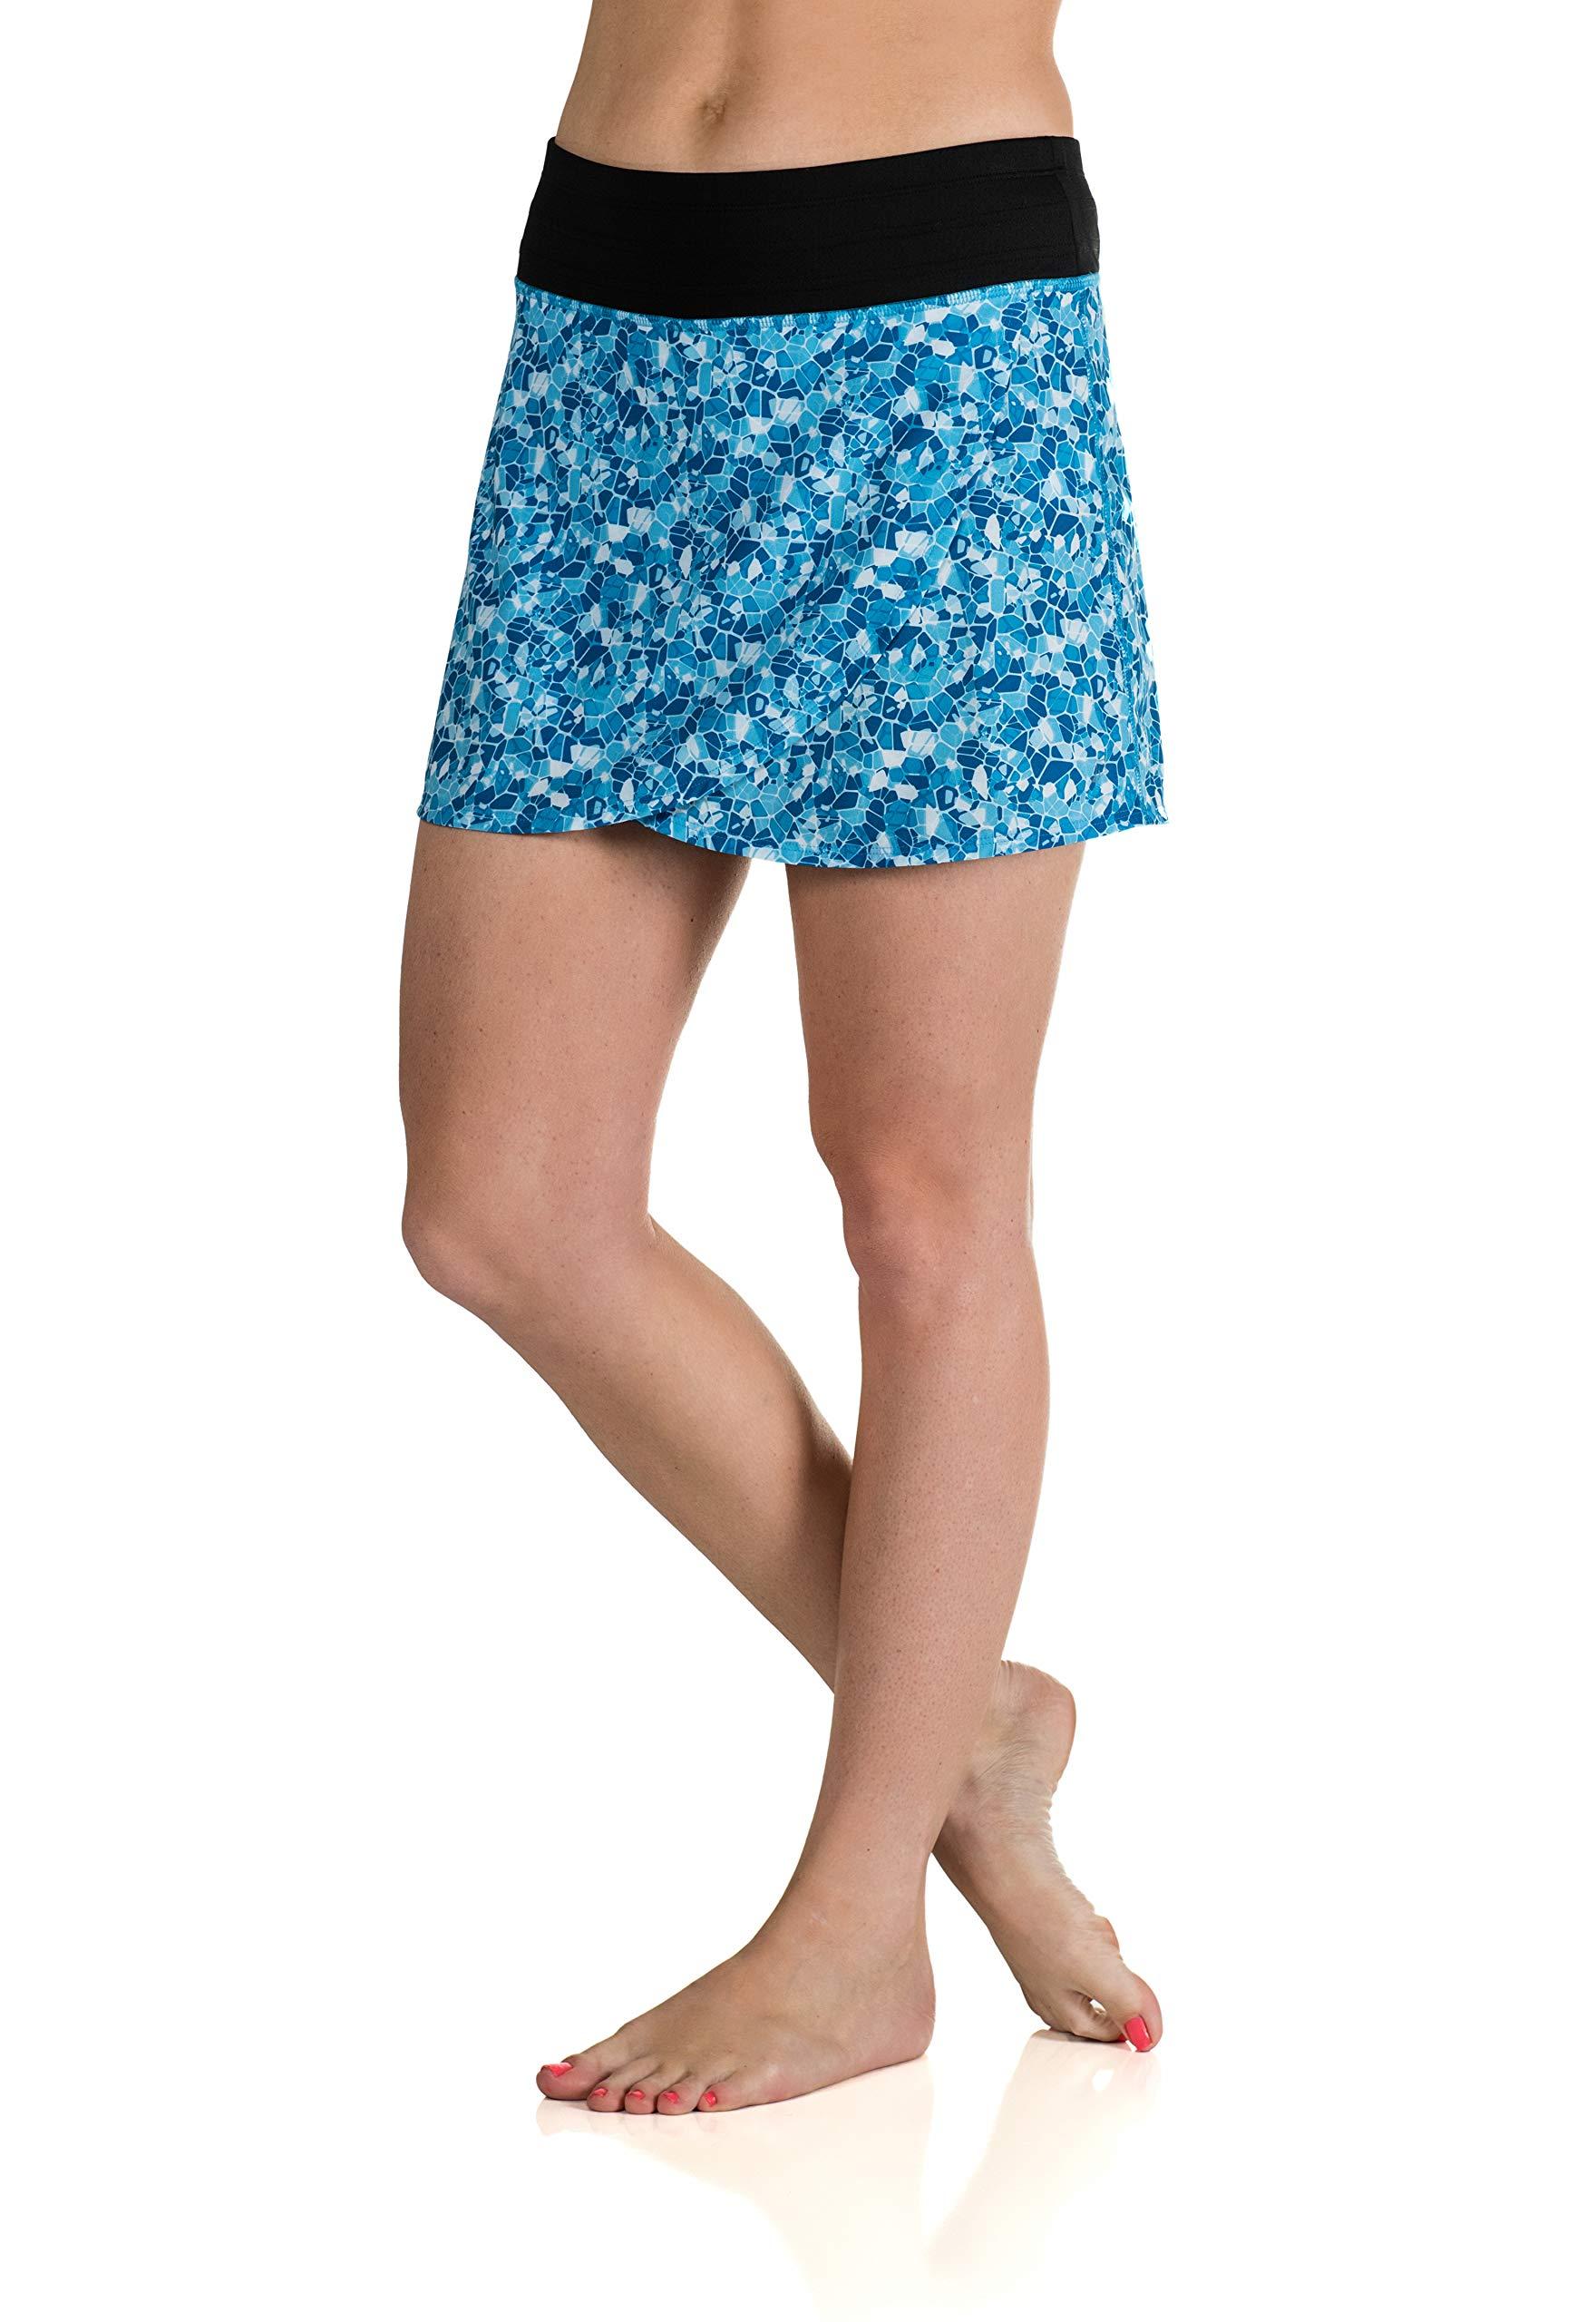 Skirt Sports Women's Hover Skirt, Shatter Print, Medium by Skirt Sports